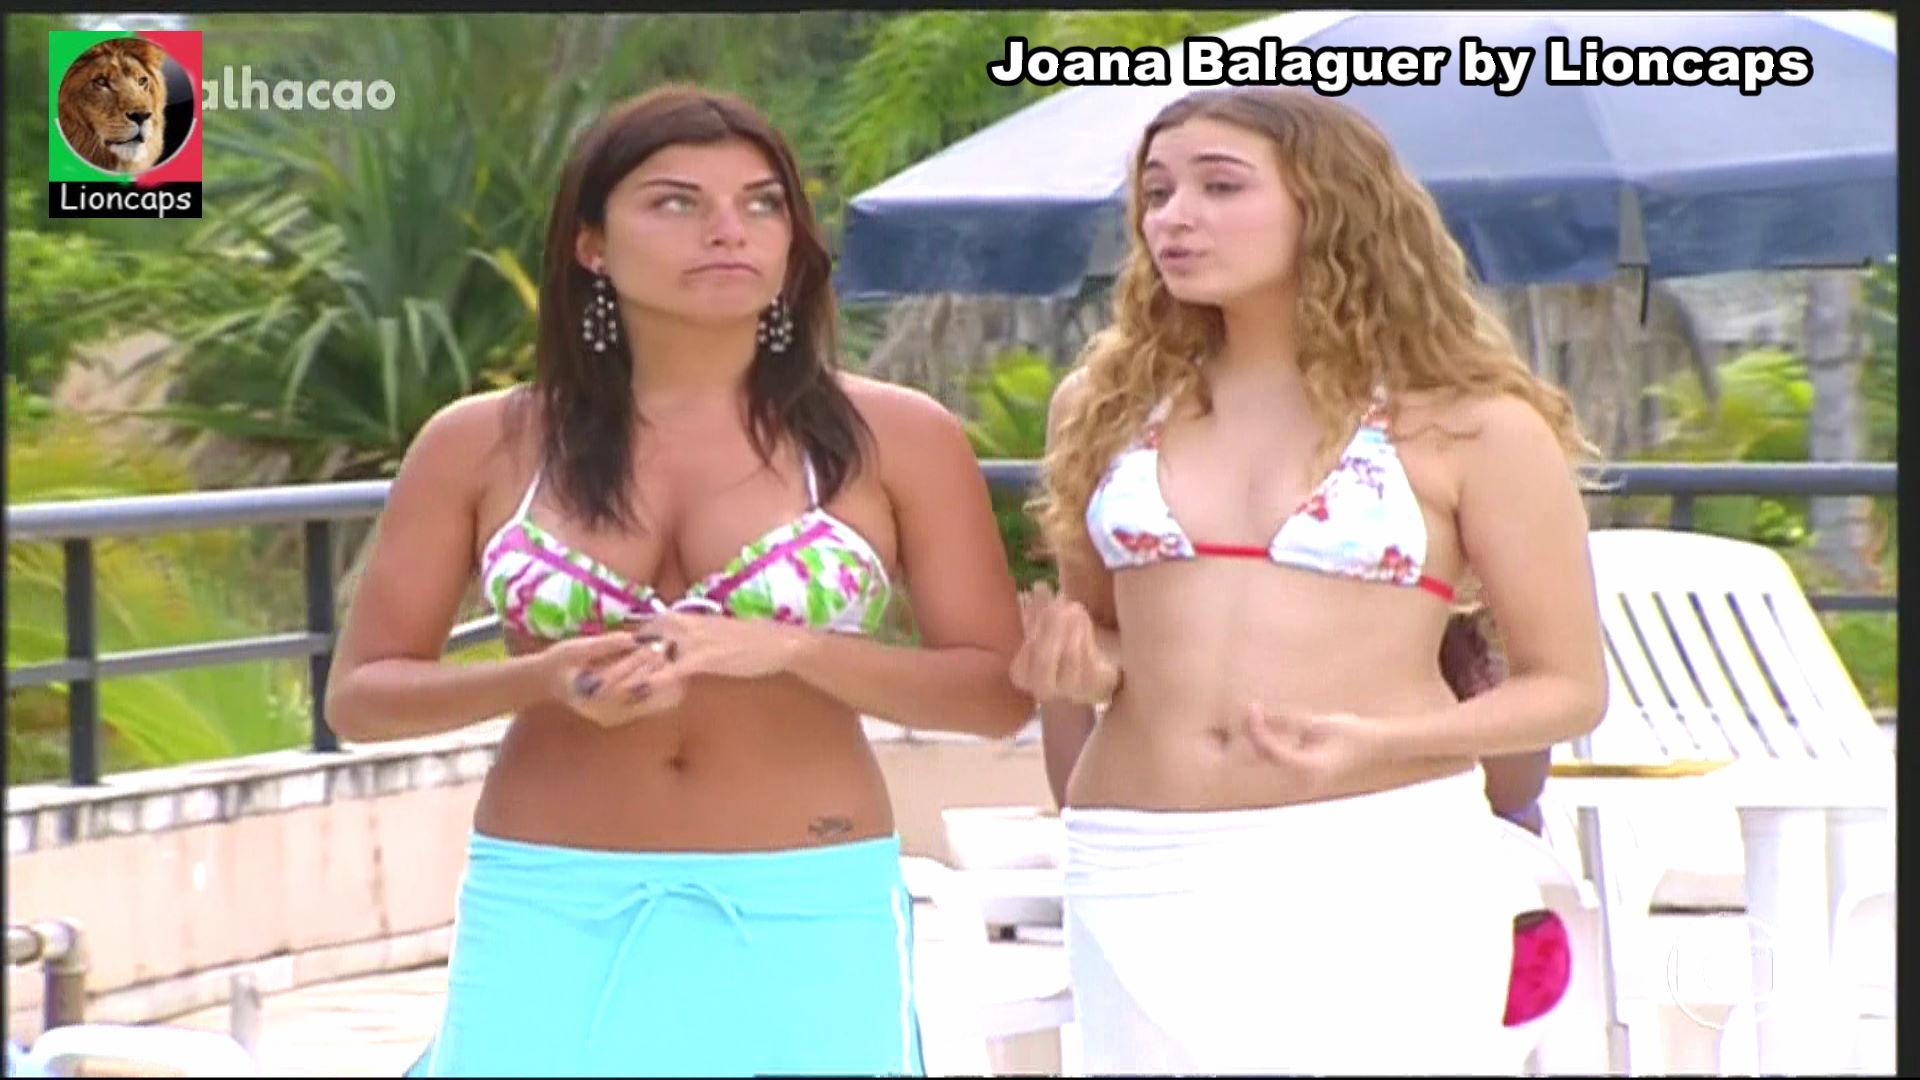 355559336_joana_balaguer_vs190612_19010_122_7lo.JPG